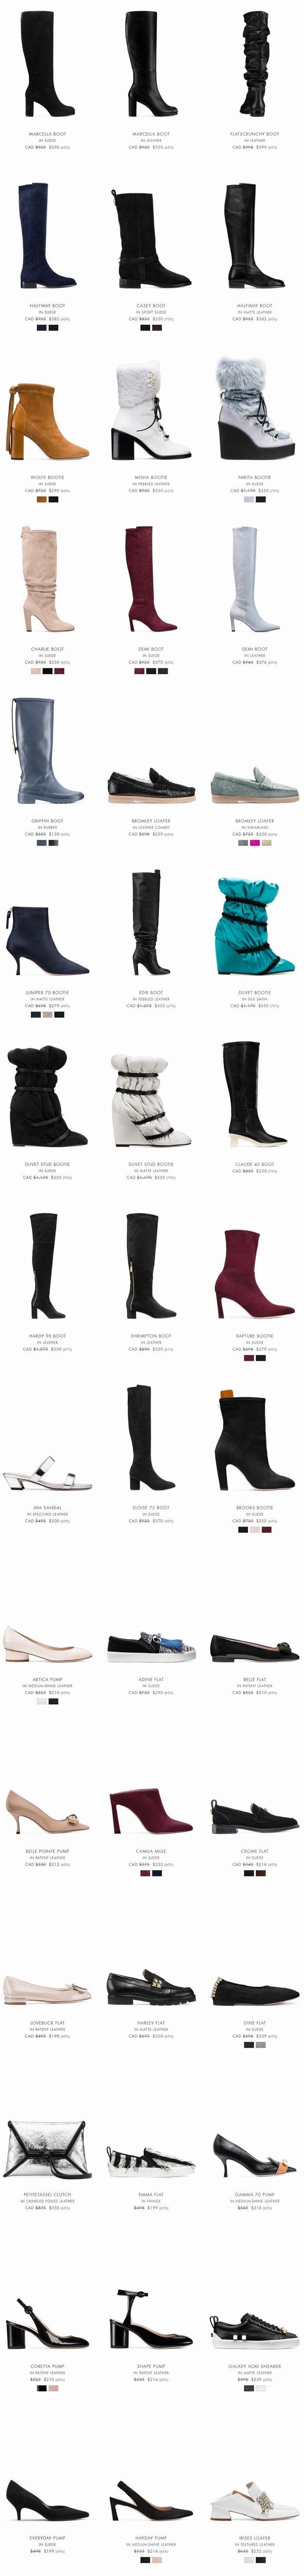 Stuart Weitzman 官网精选时尚美腿长靴、凉靴3折起+额外最高7折+包邮!